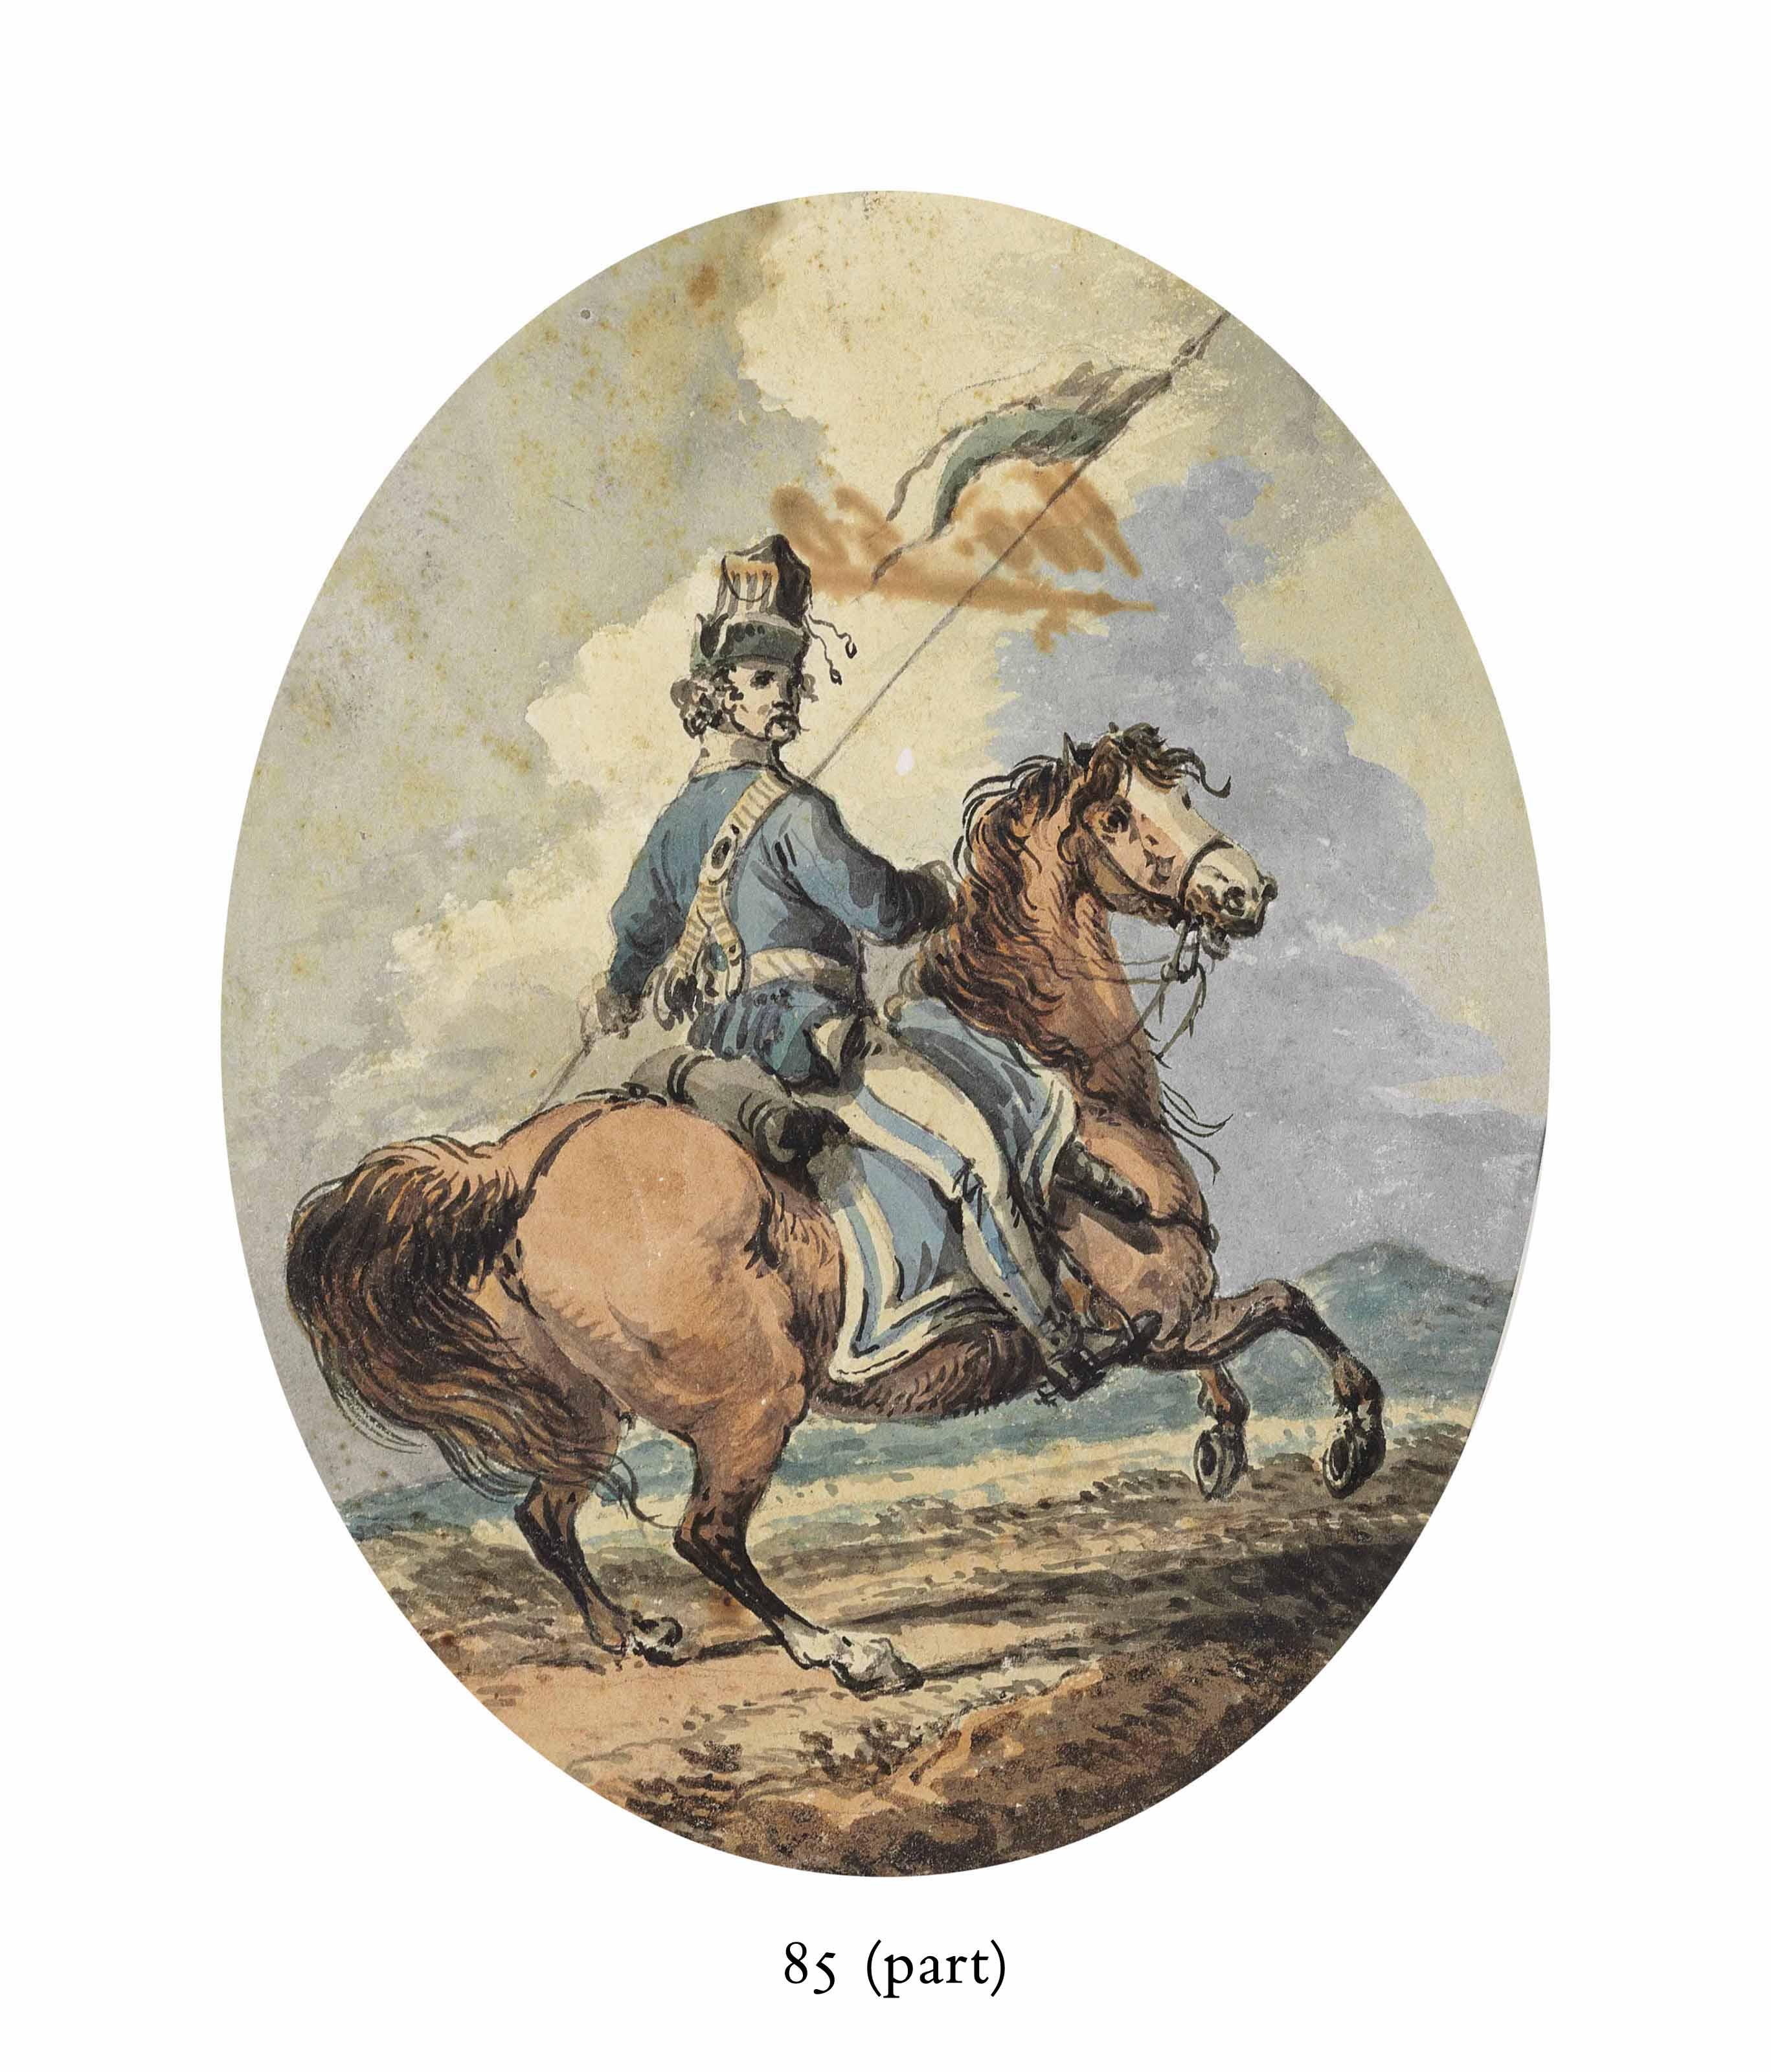 Kosciuszko Blue Rider